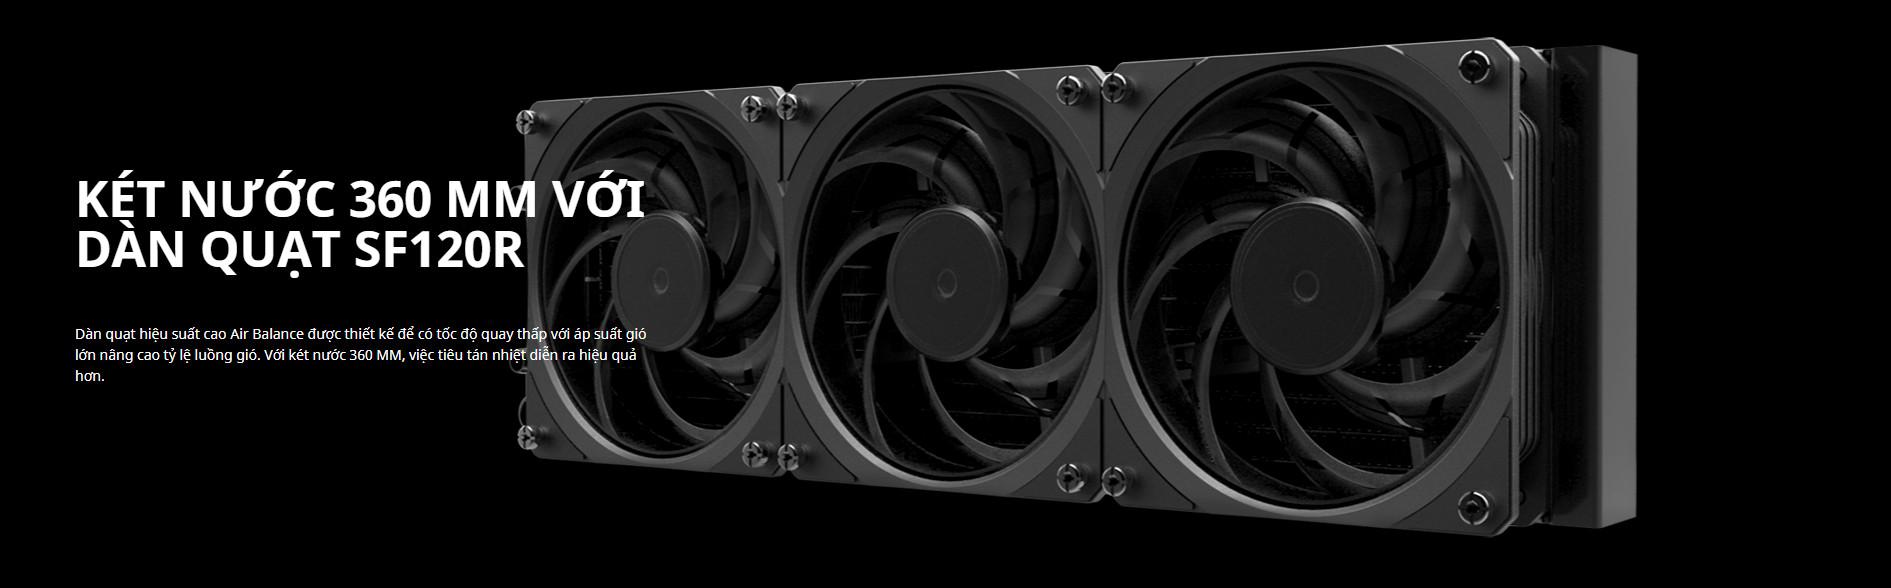 Tản nhiệt nước Cooler Master ML360 SUB - ZERO sở hữu KÉT NƯỚC 360 MM VỚI DÀN QUẠT SF120R